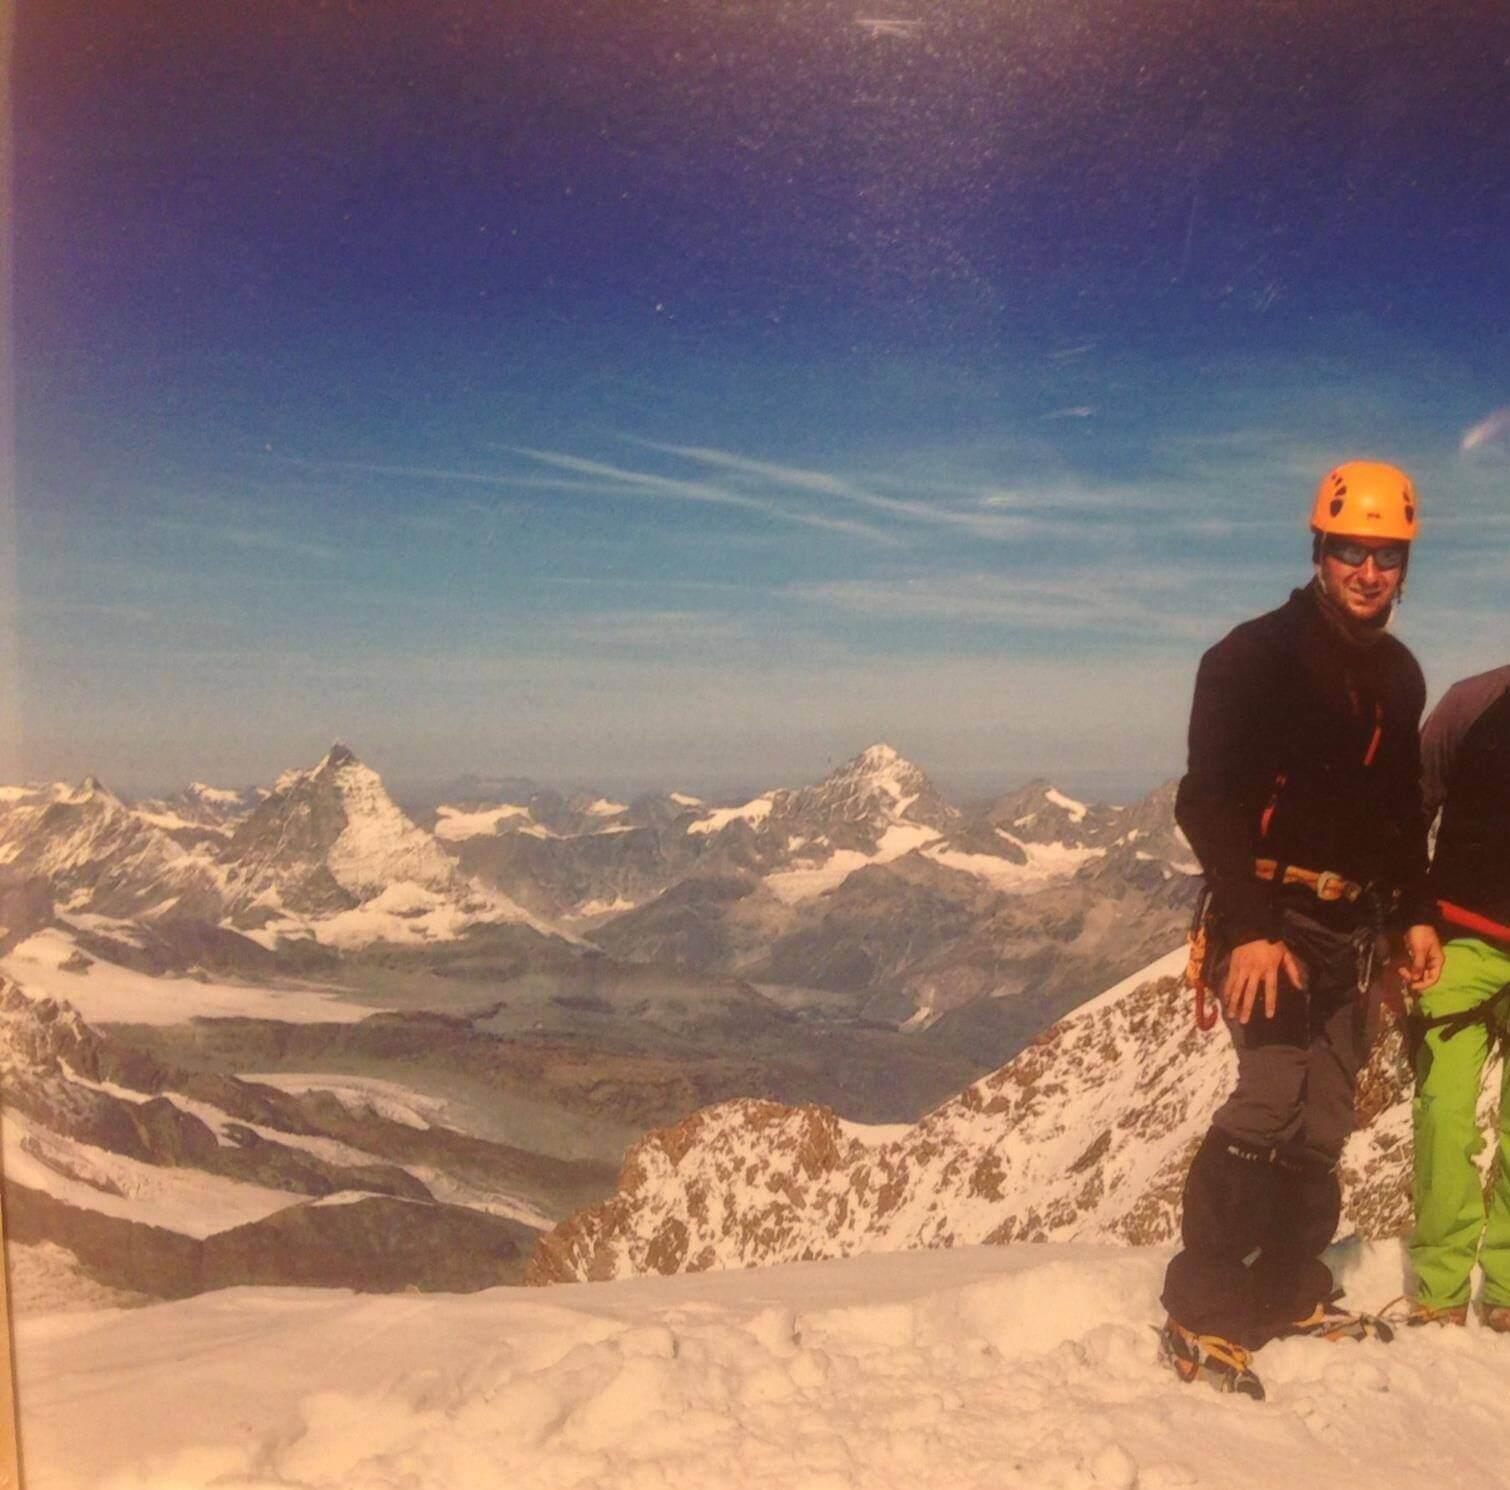 Johannes Eibensteiner Zumsteinspitze Matterhorn Hochtour Bergsteigen Schnee Gletscher